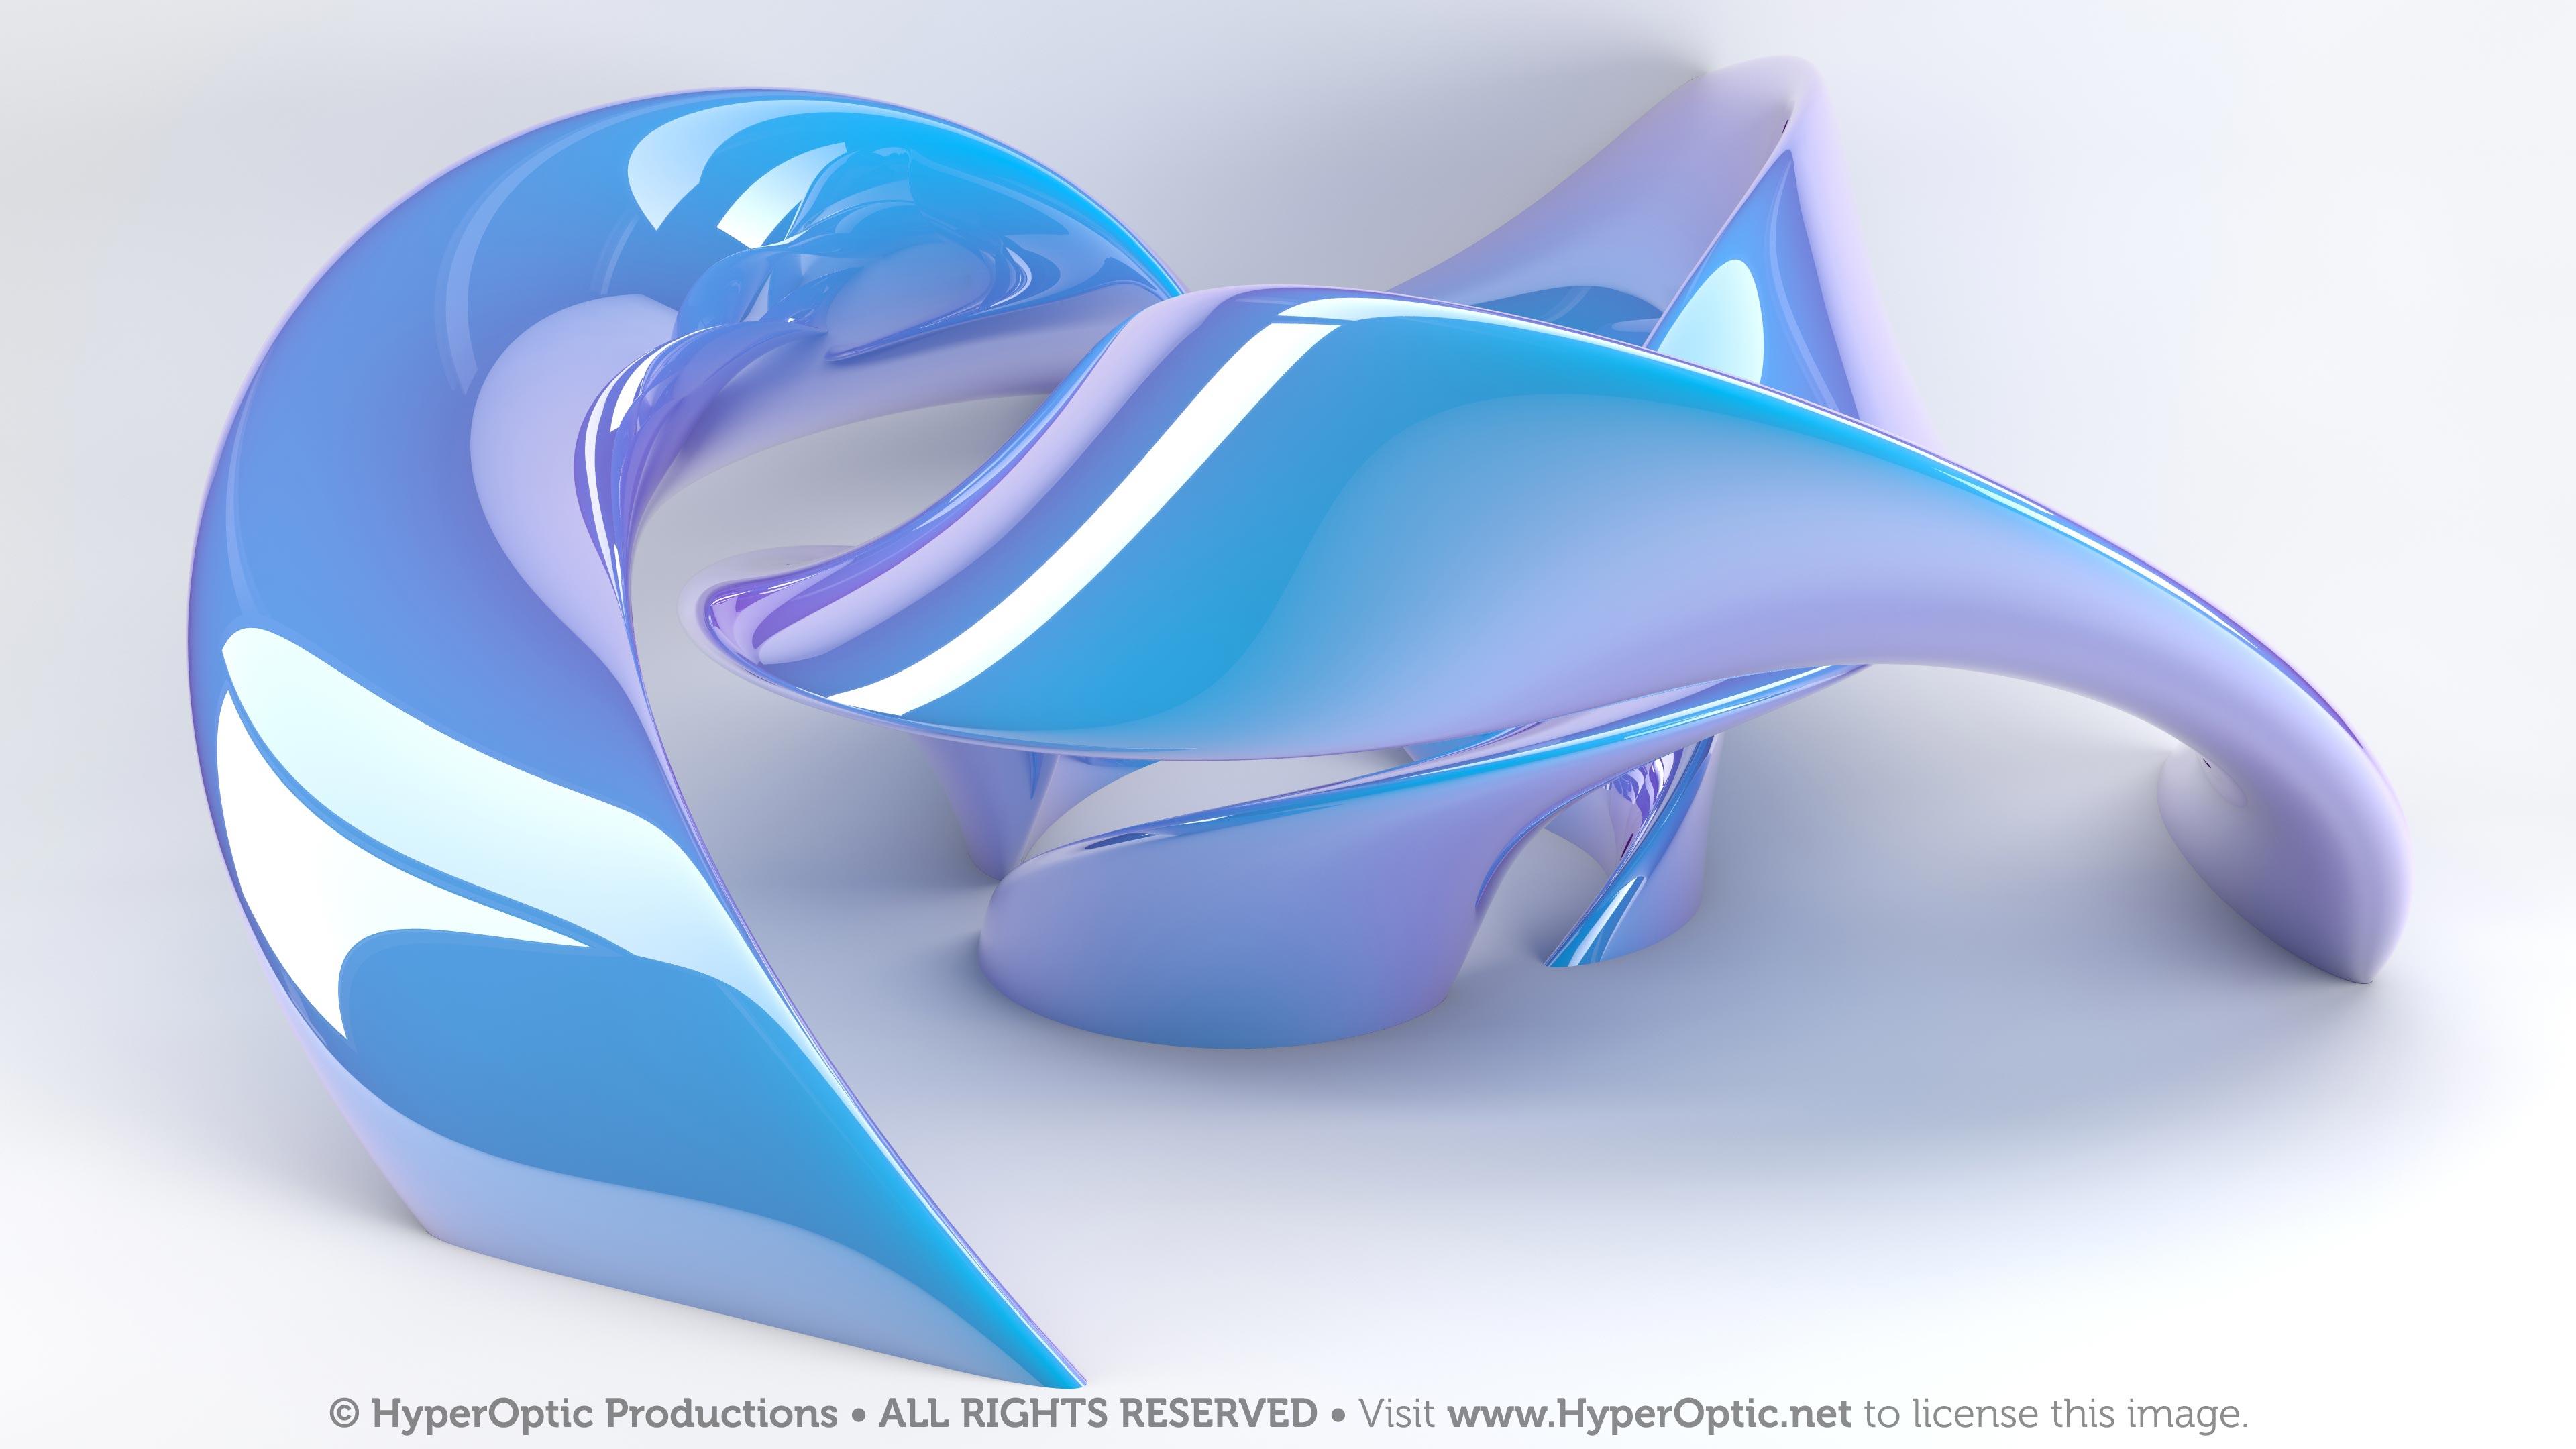 Twisty-Blue-Torus-in-the-Studio-4K